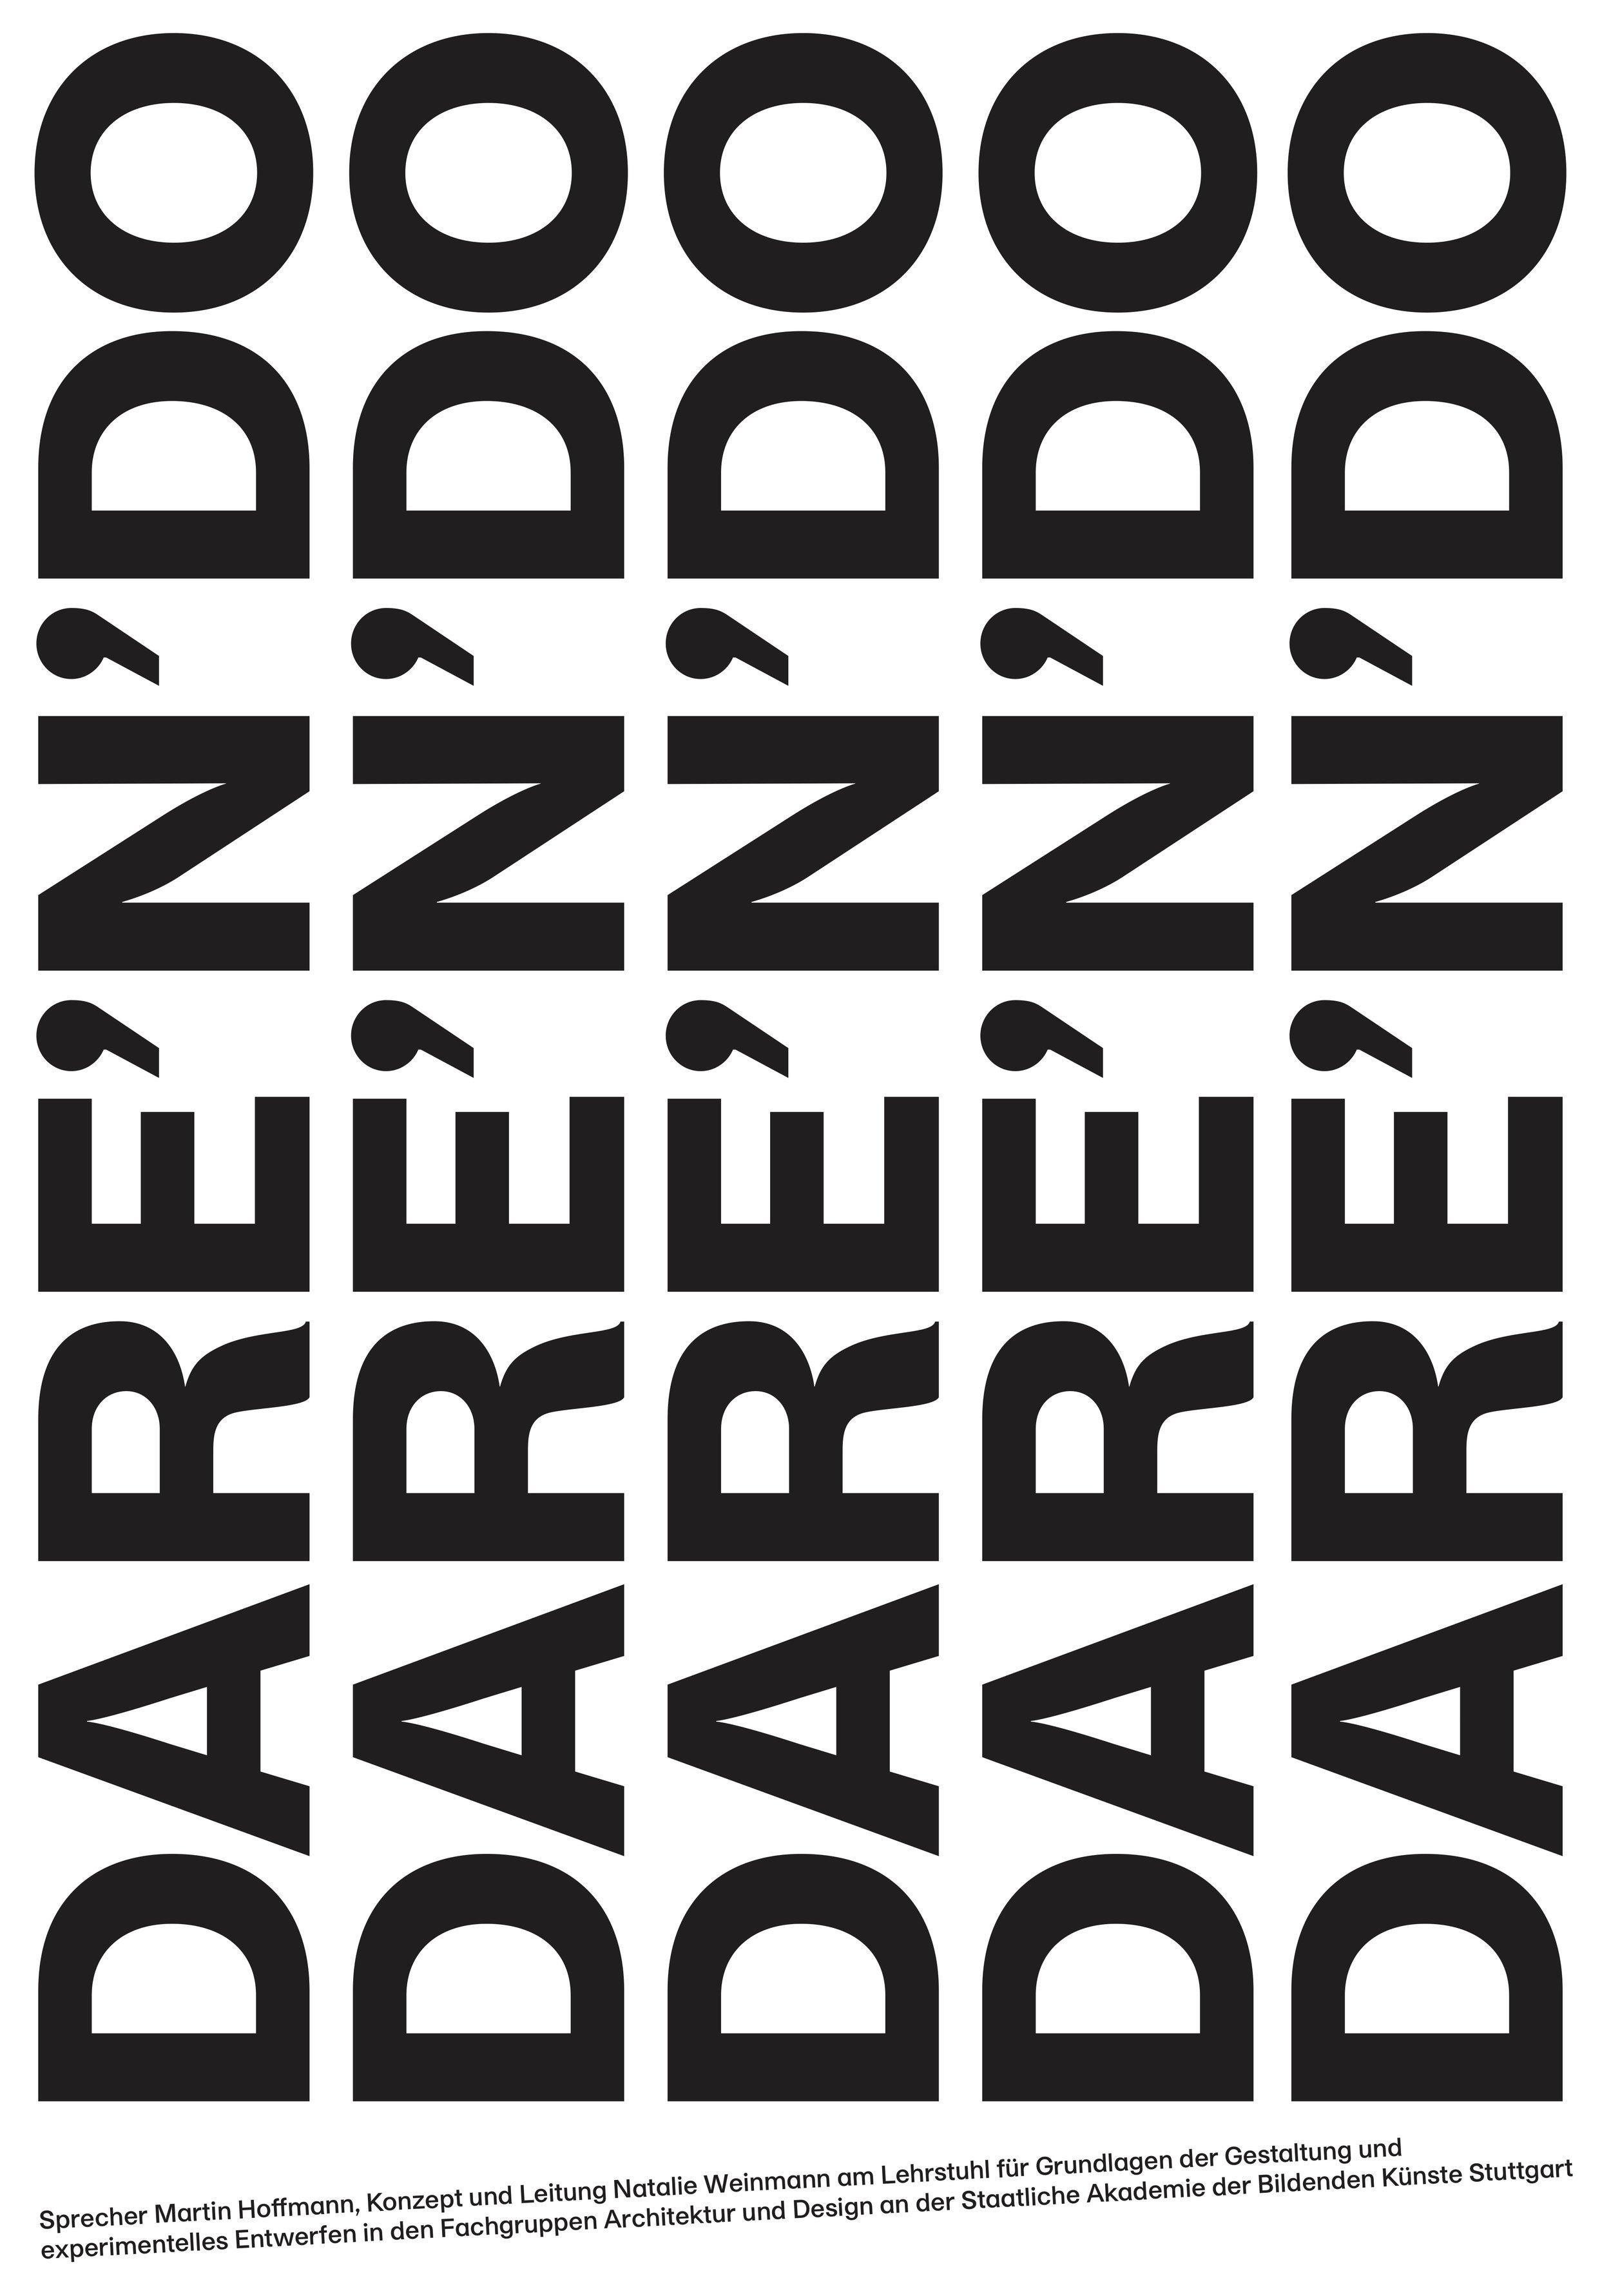 DND_20180720_Infoposter_60x100cm_PRINT.jpg